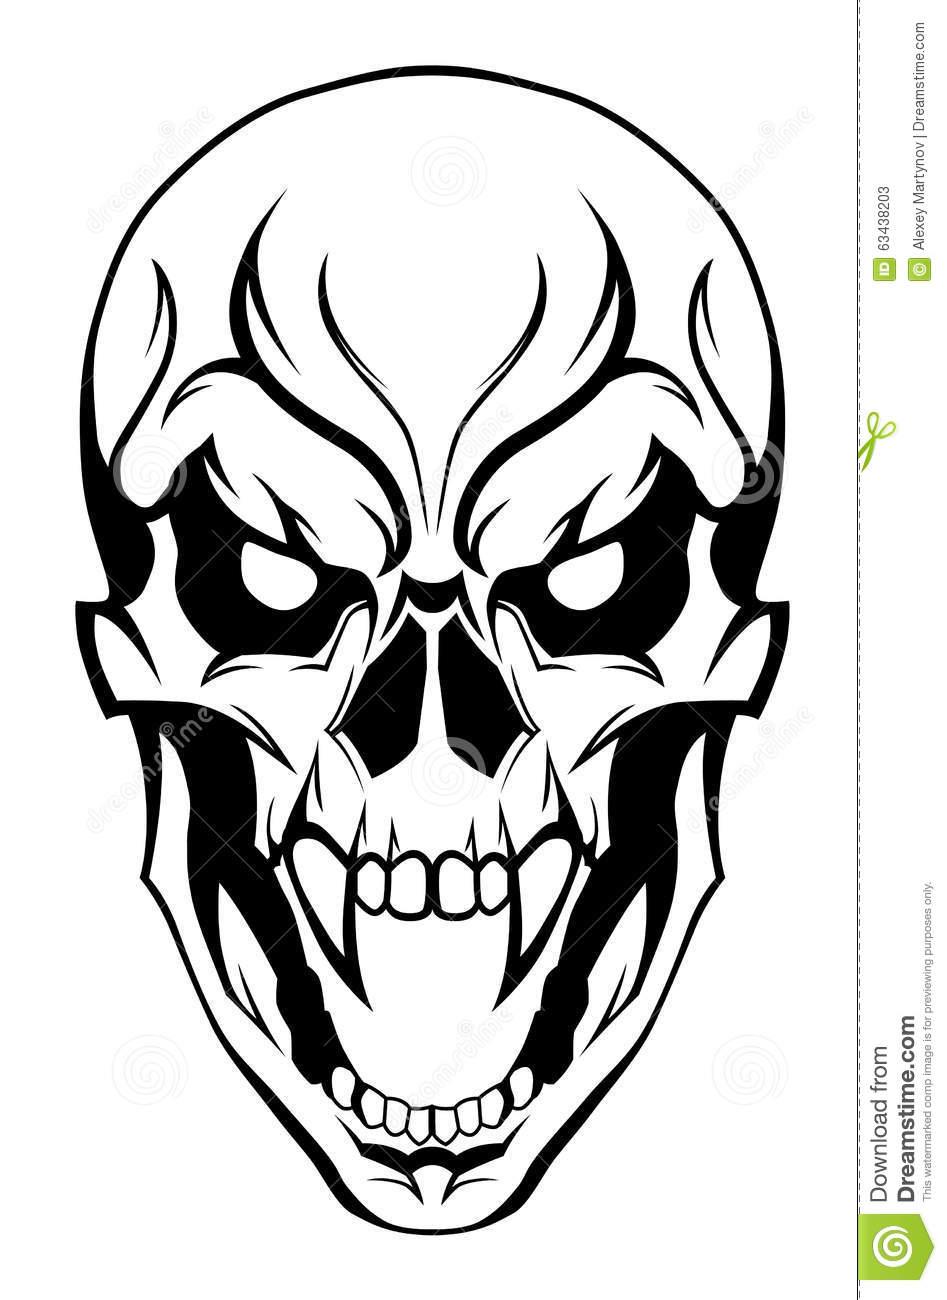 Skulls Drawings | Free download best Skulls Drawings on ...